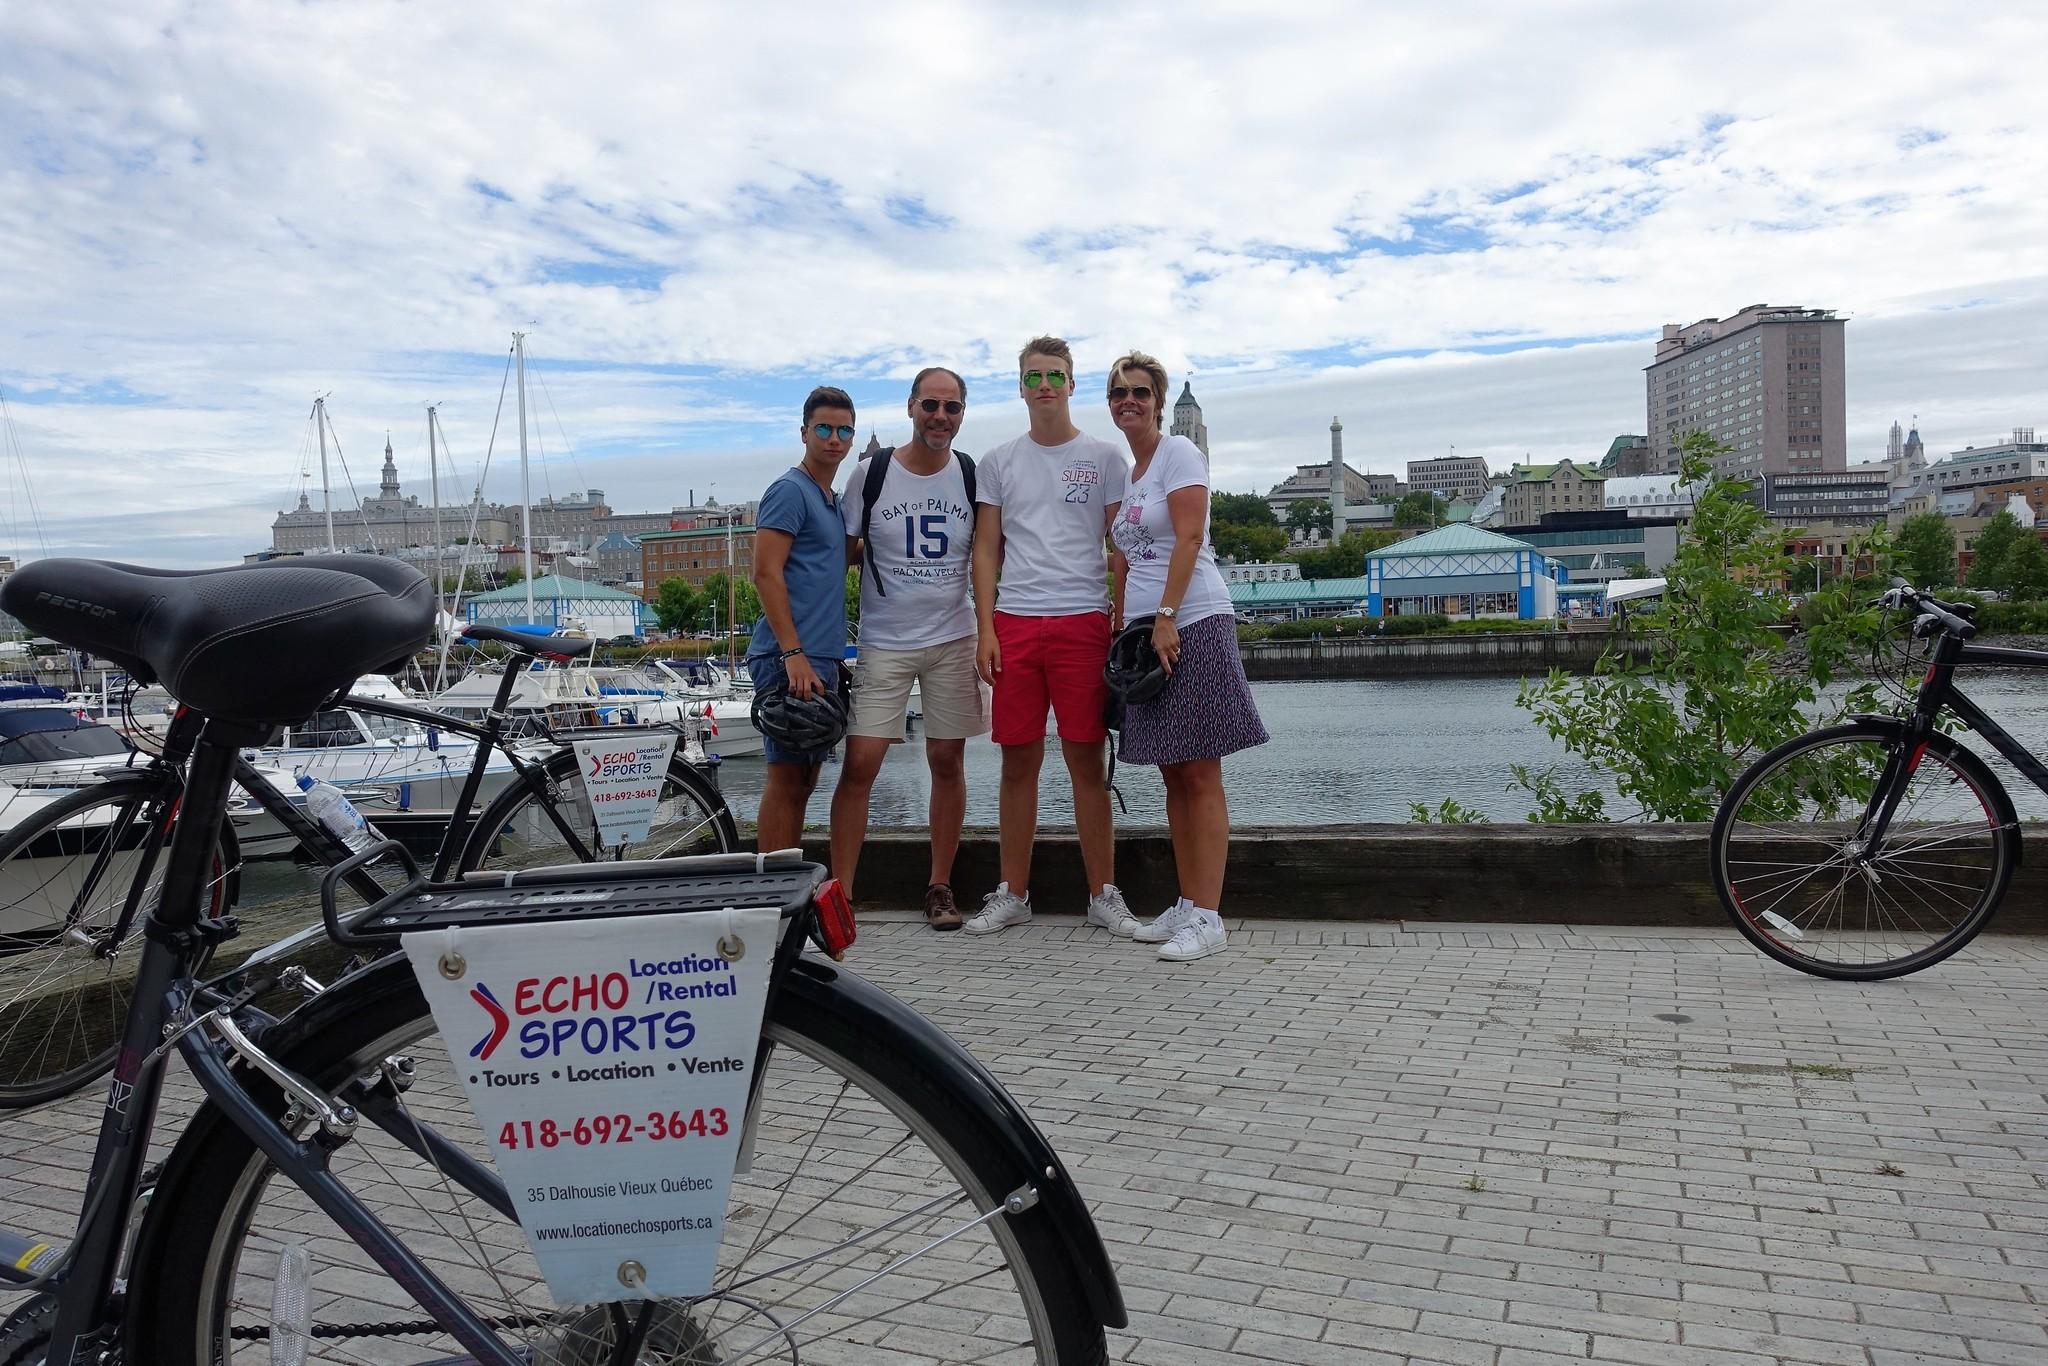 Ville et croisière tour guidé à vélo - avec votre vélo personnel, 120$